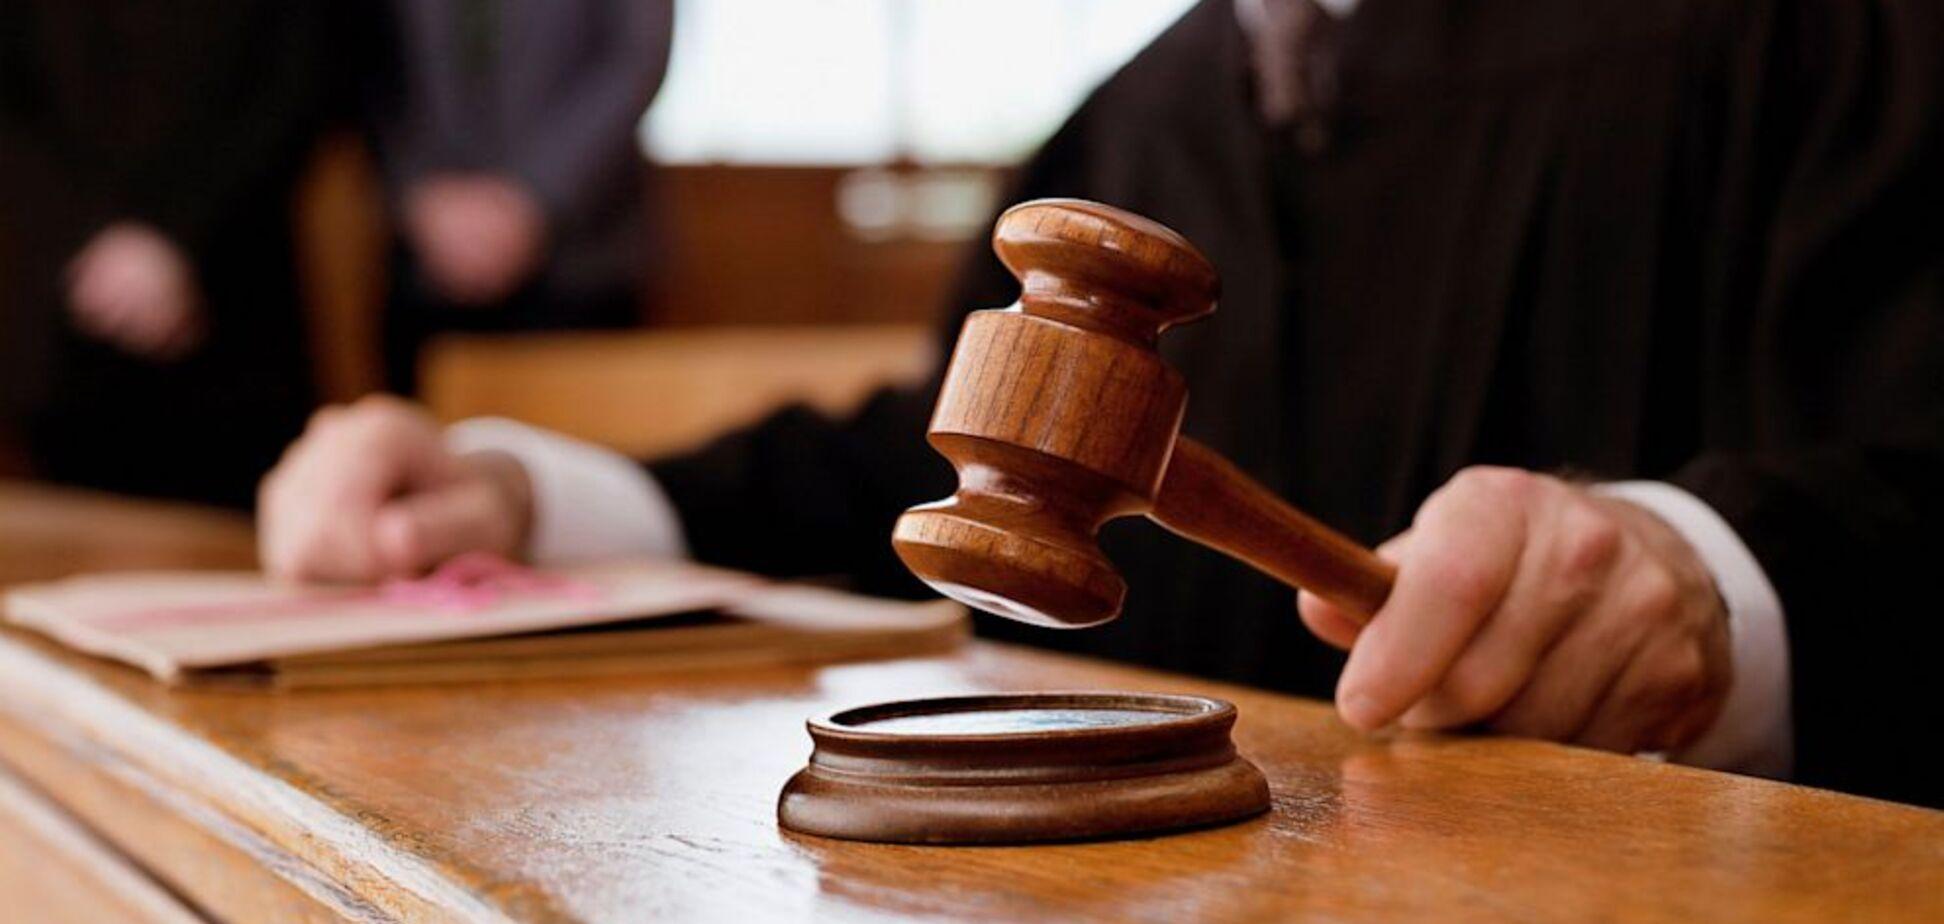 Ліз у бійку і плювався: київський суддя поскаржився на напад нардепа